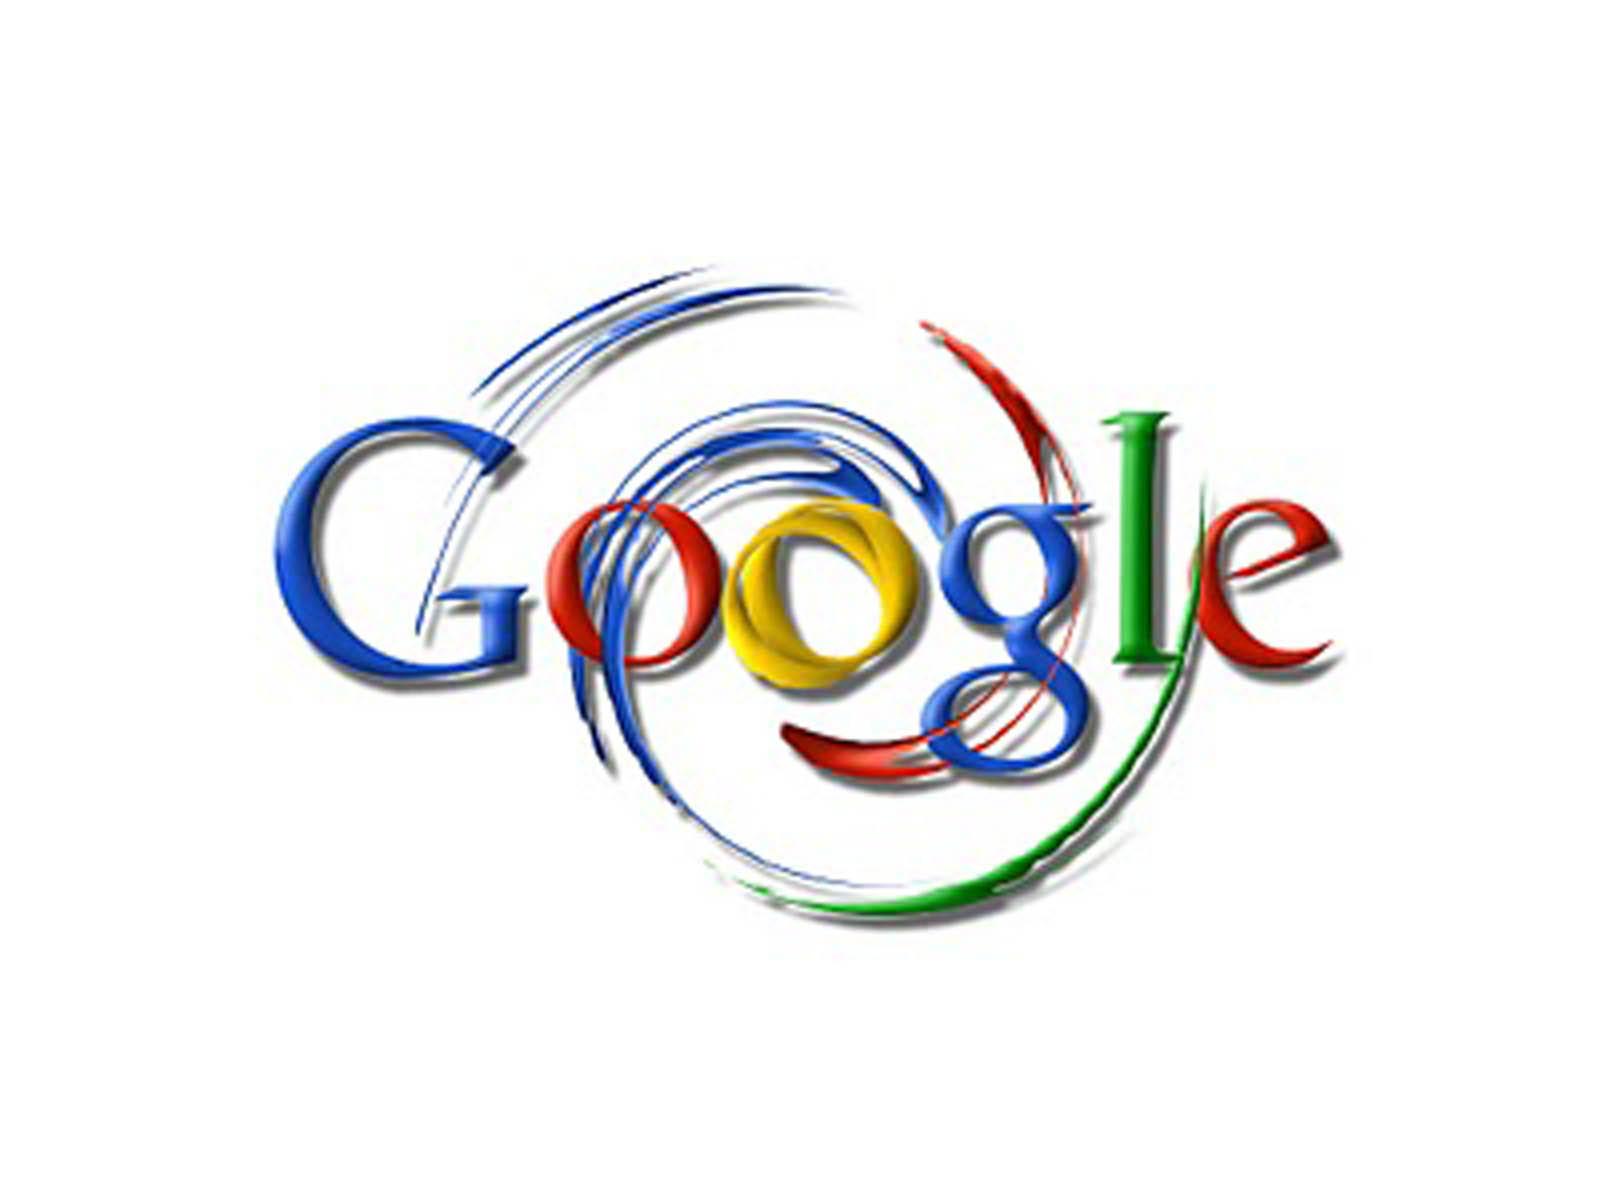 wallpapers Google Desktop Wallpapers 1600x1200